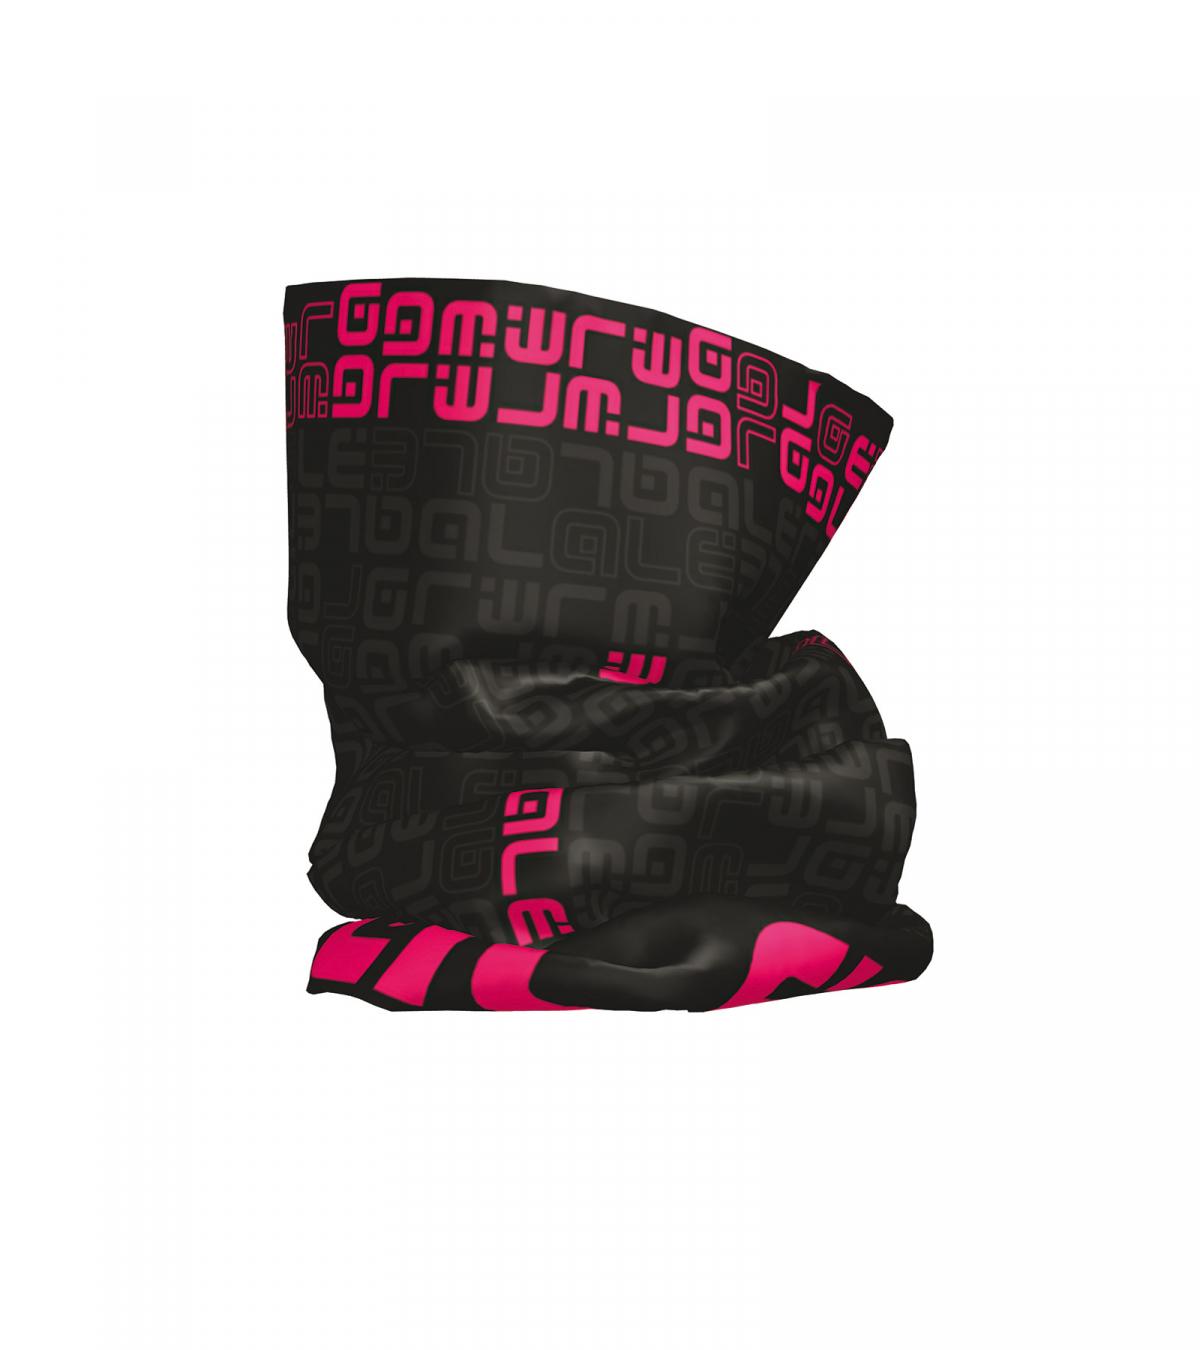 L15551516-buff-black-pink-fluo_1200_1350